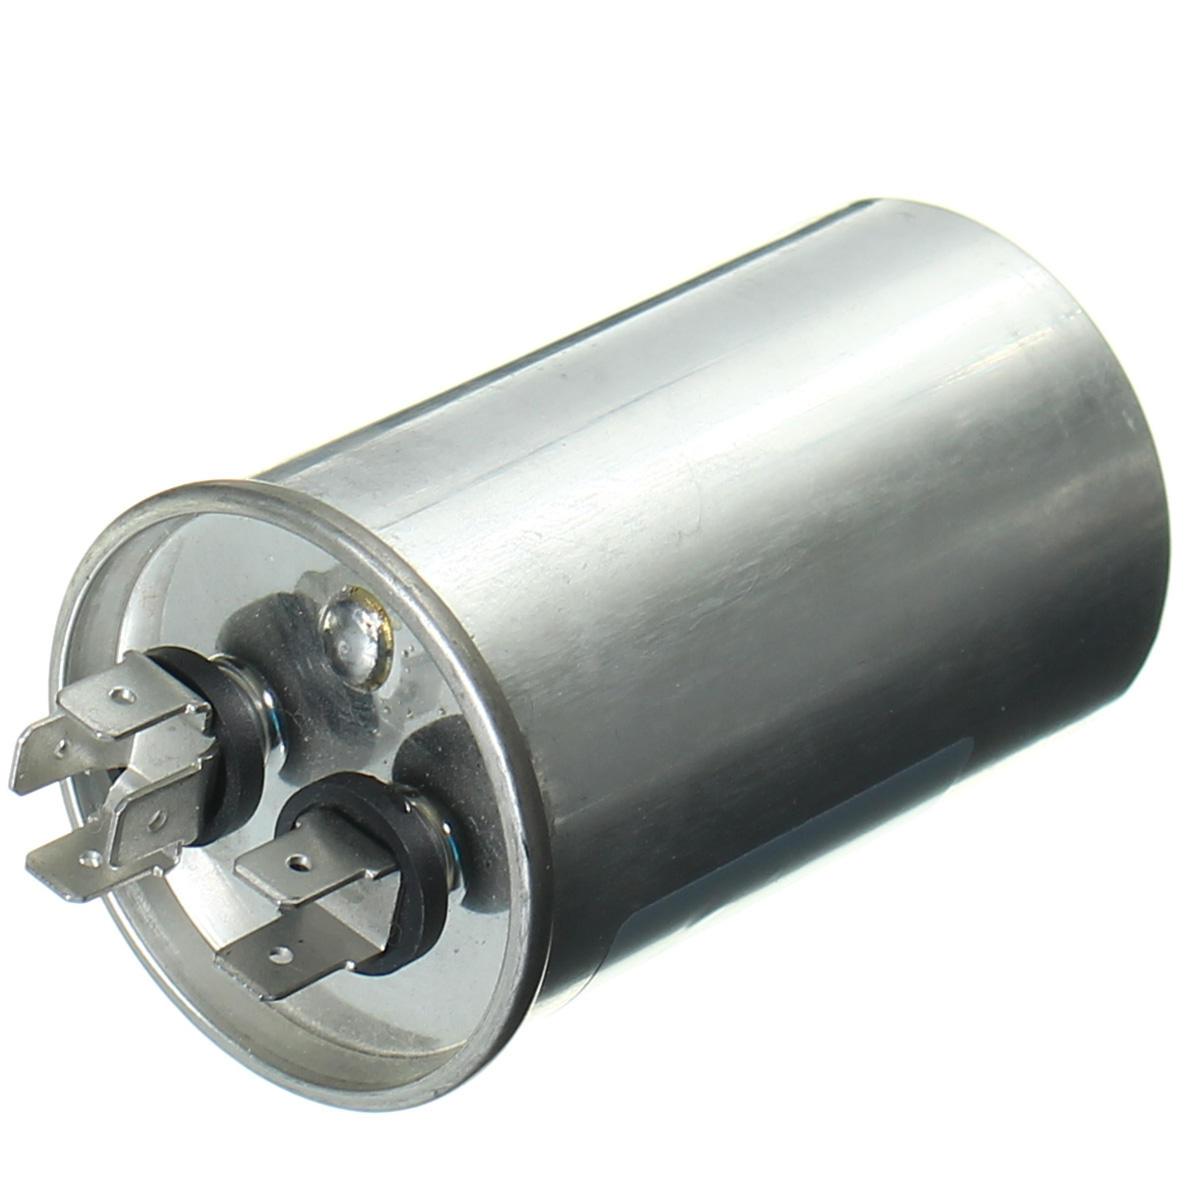 TụCapacitor CBB65 40uF dành cho máy lạnh